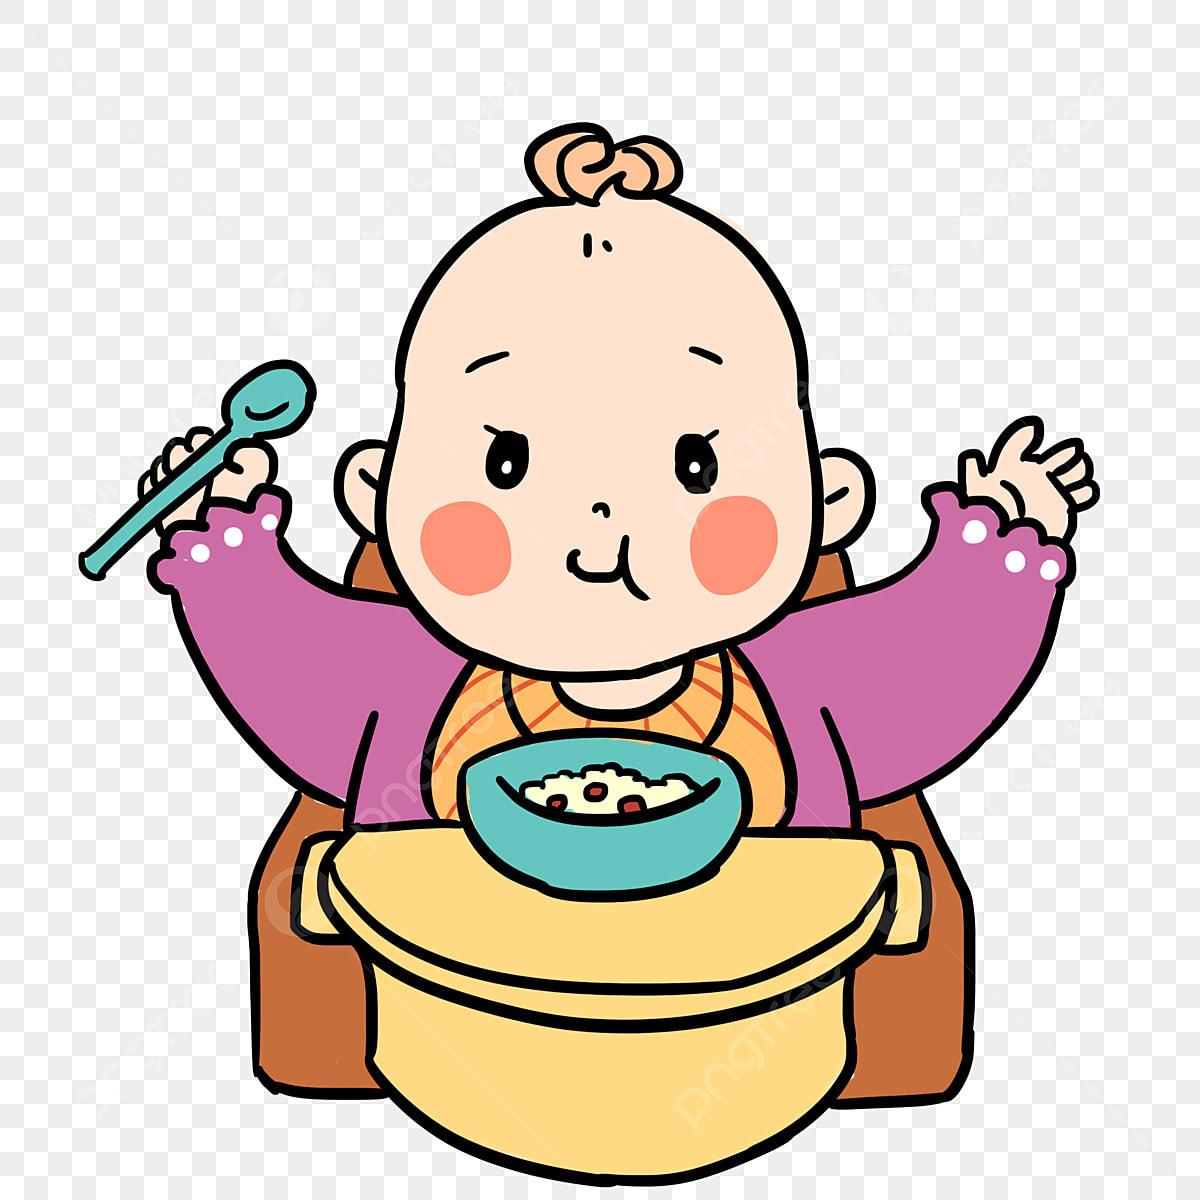 Ilustrasi Kartun Bayi Bayi Ilustrasi Tangan Kartun Yang